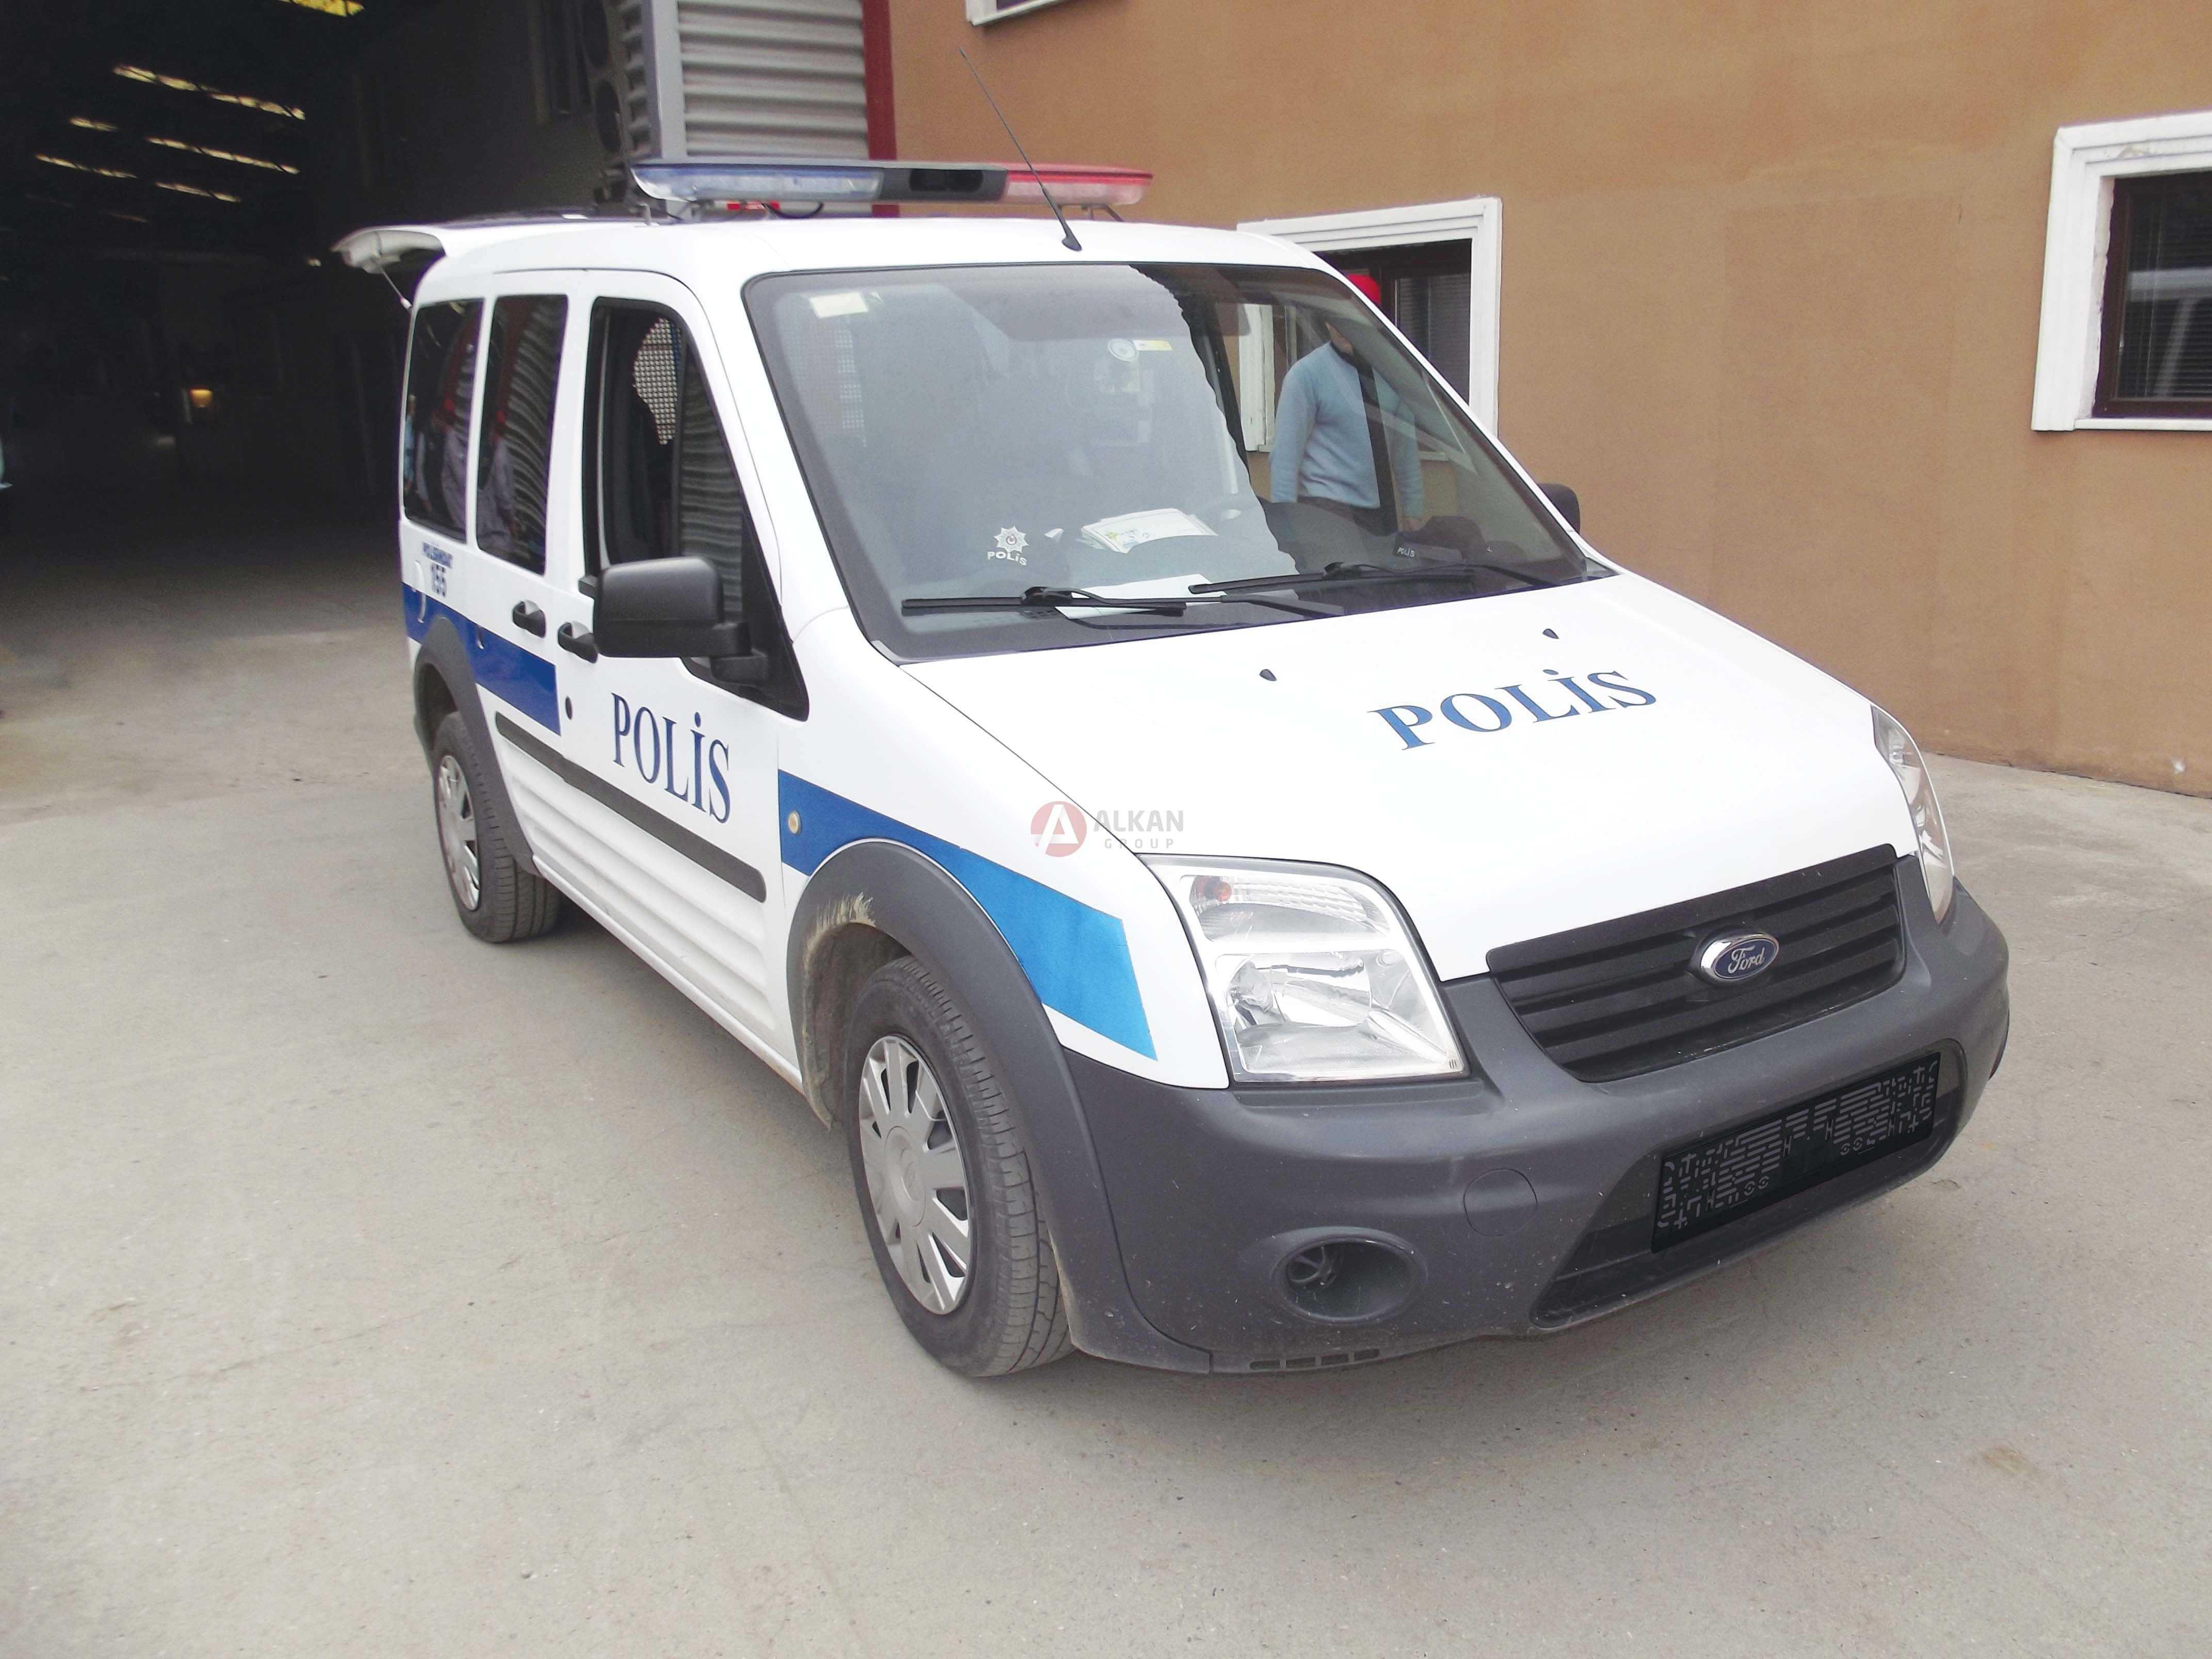 mobil asayis ekip araci 2